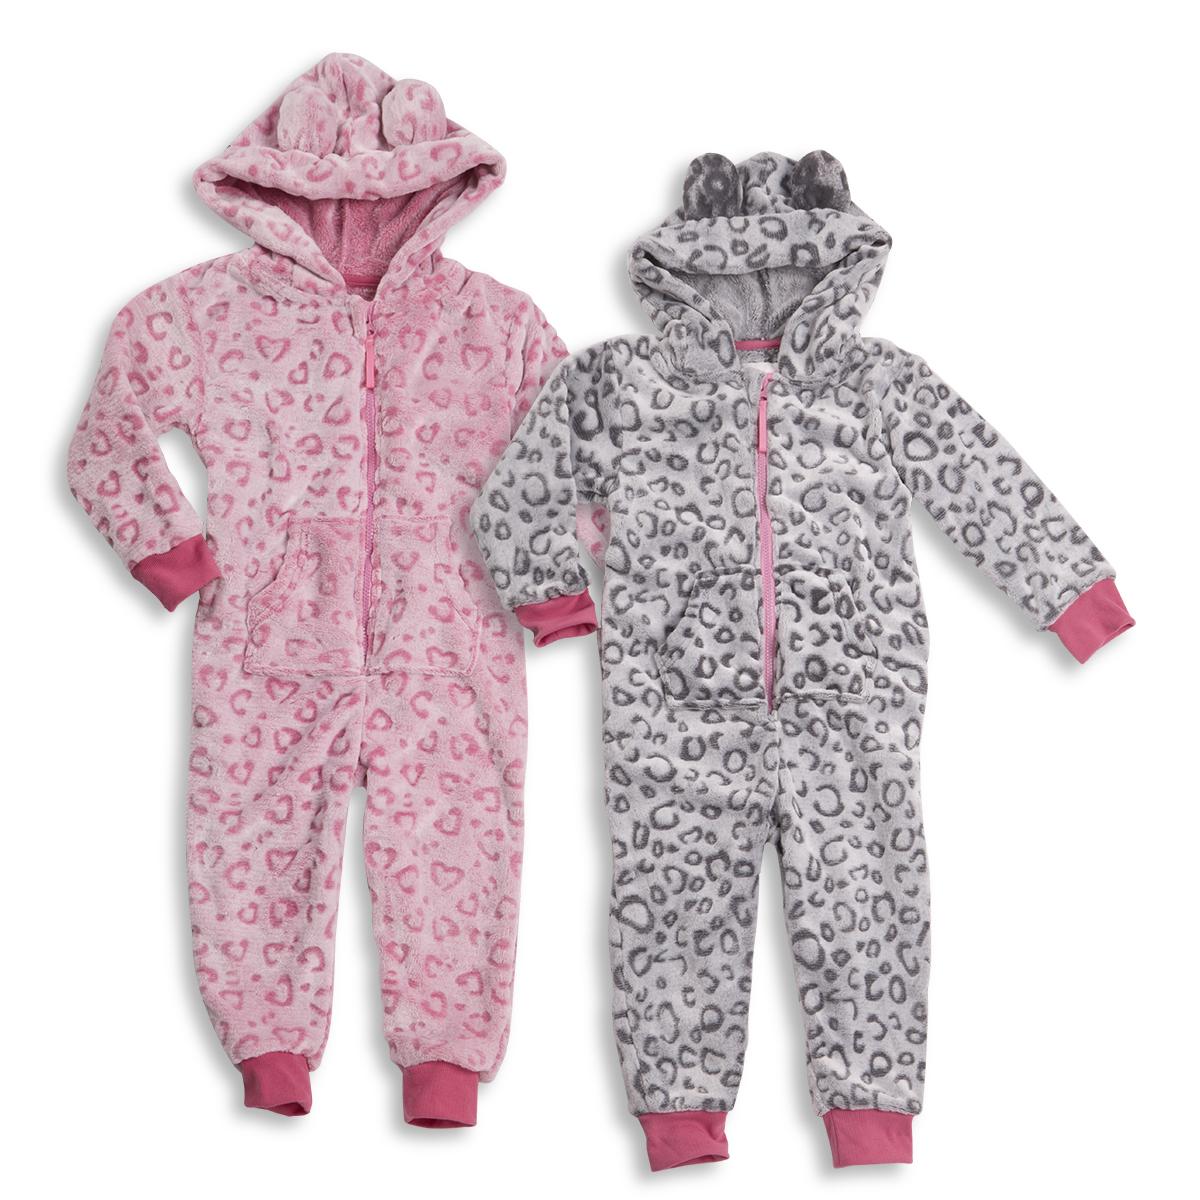 093455e44eda ONEZEE Girls Kids Hooded All-In-One Leopard Print Jumpsuit Nightwear  Sleepwear